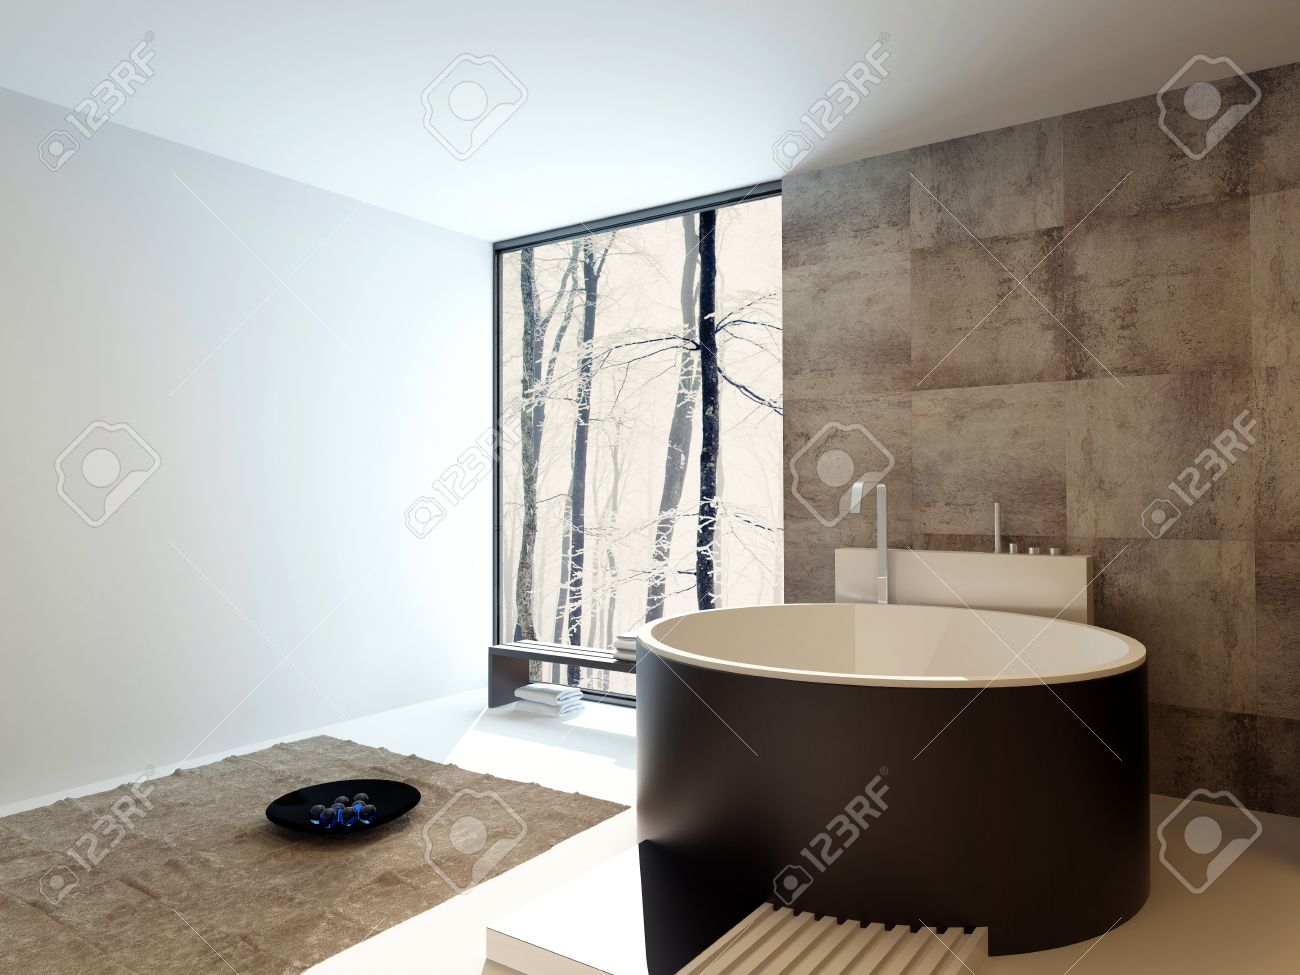 Design Contemporain Salle De Bains De Luxe Intérieur Avec Une ...